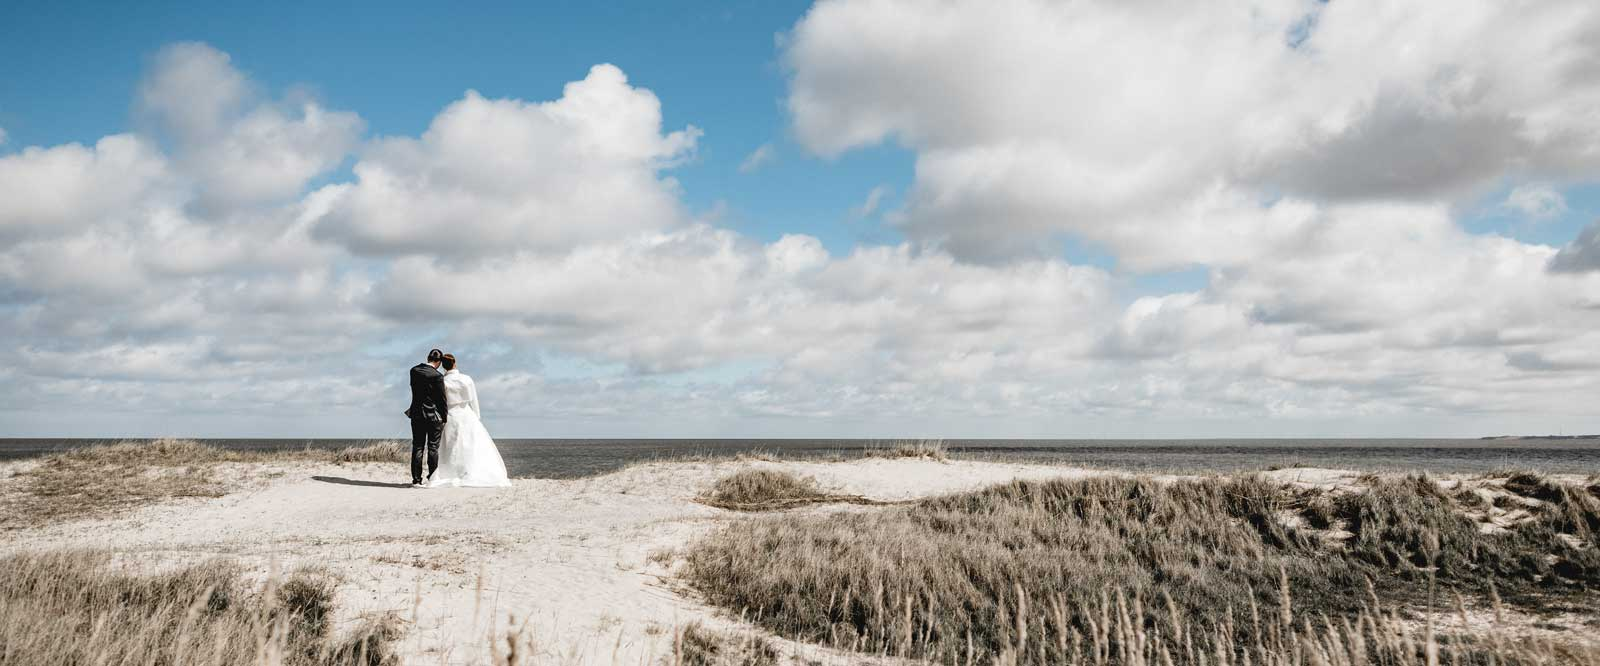 Slider mit Brautpaar am Strand von Sylt an der Nordsee